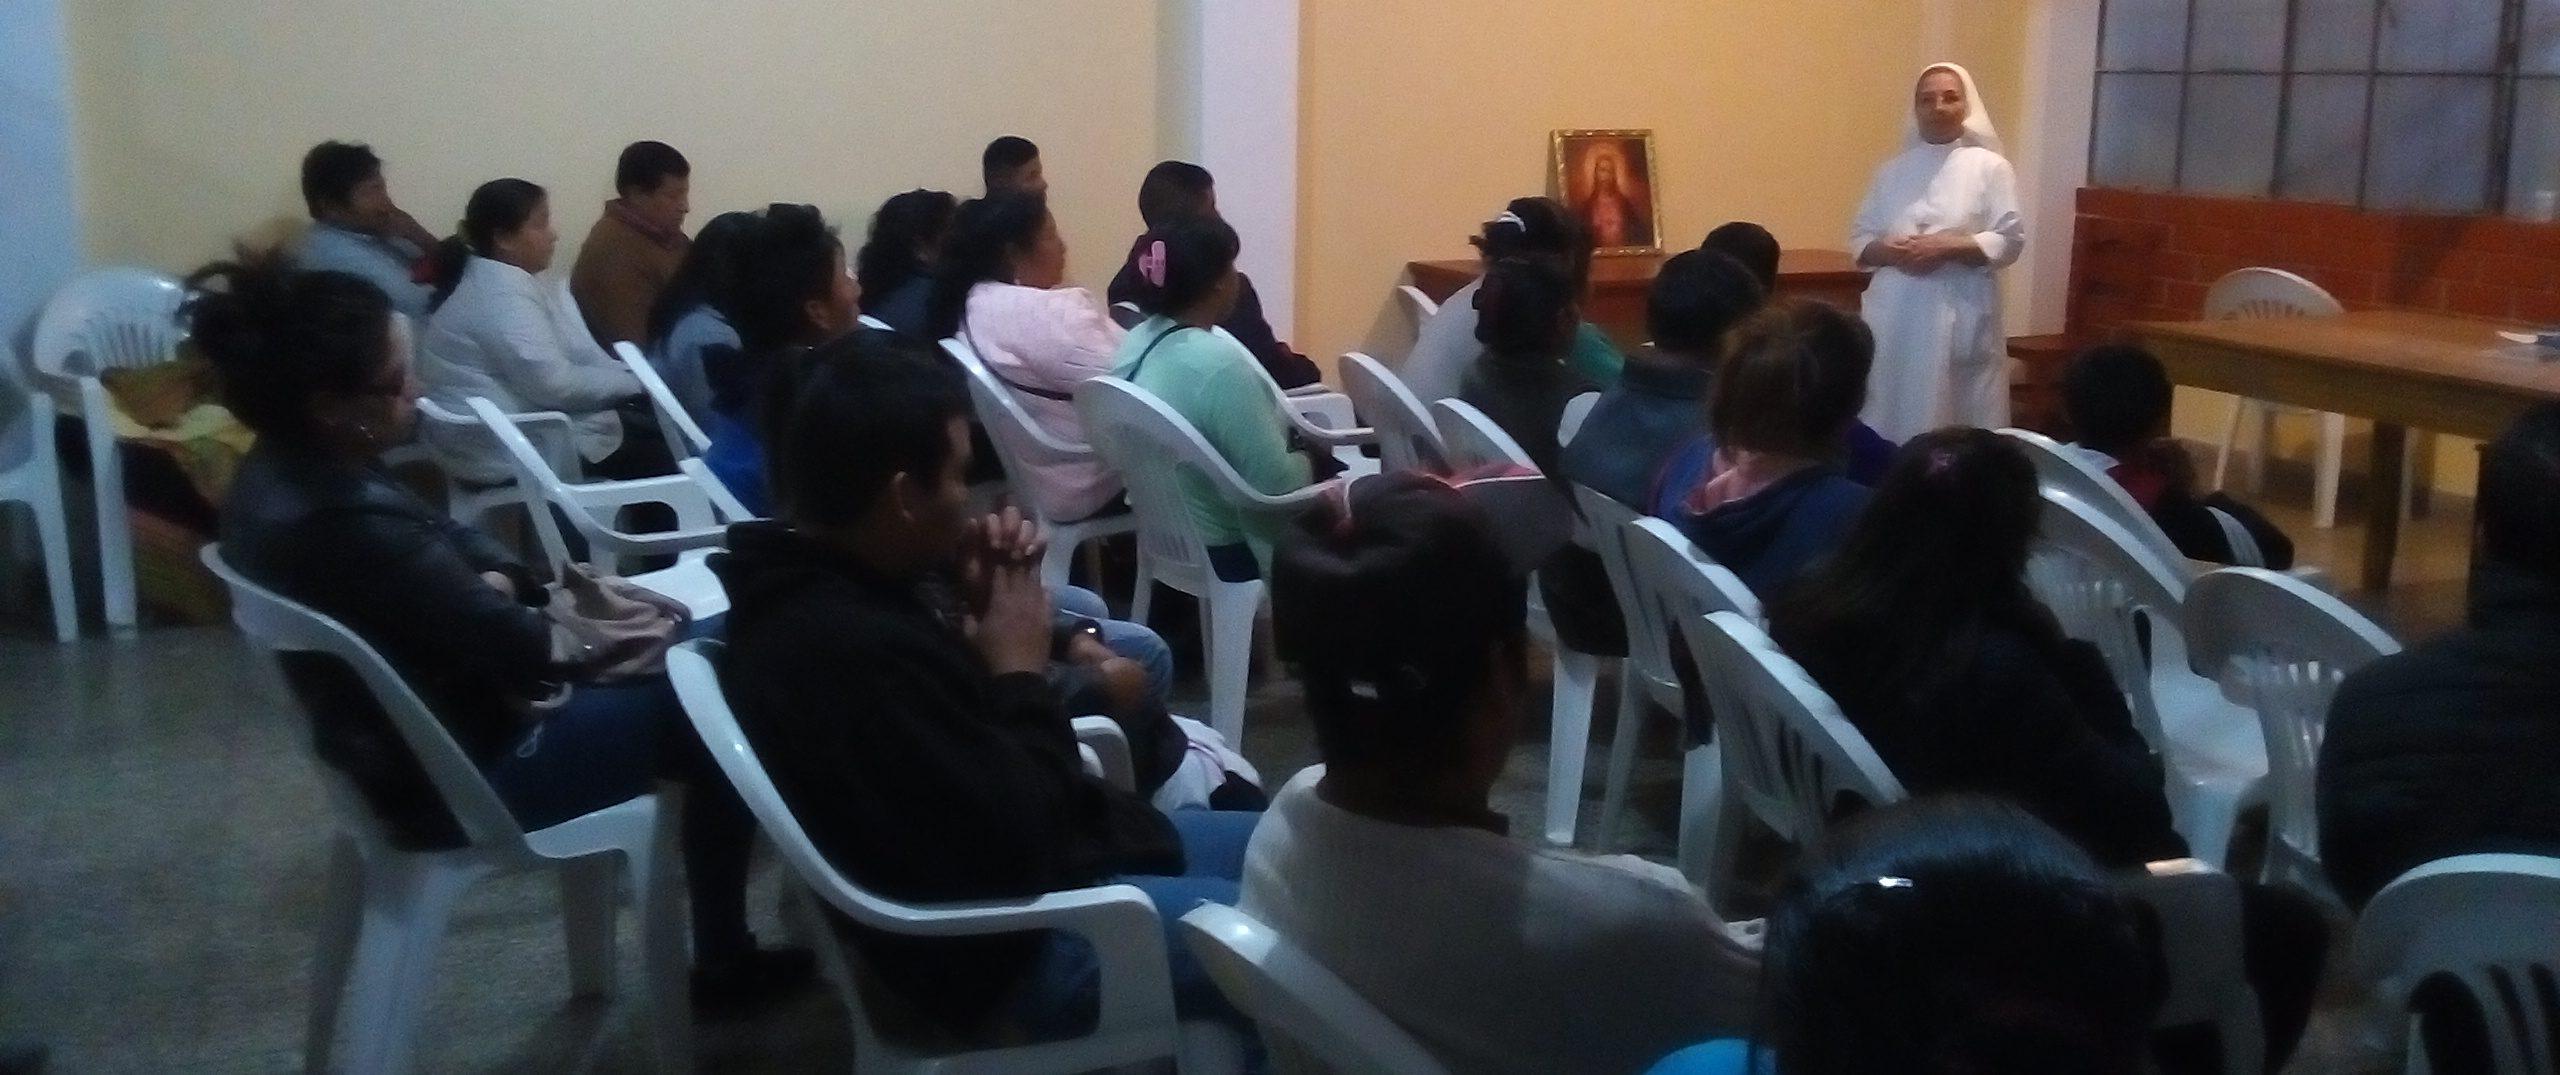 Cursos subvencionados por la Universidad de Valencia en Perú